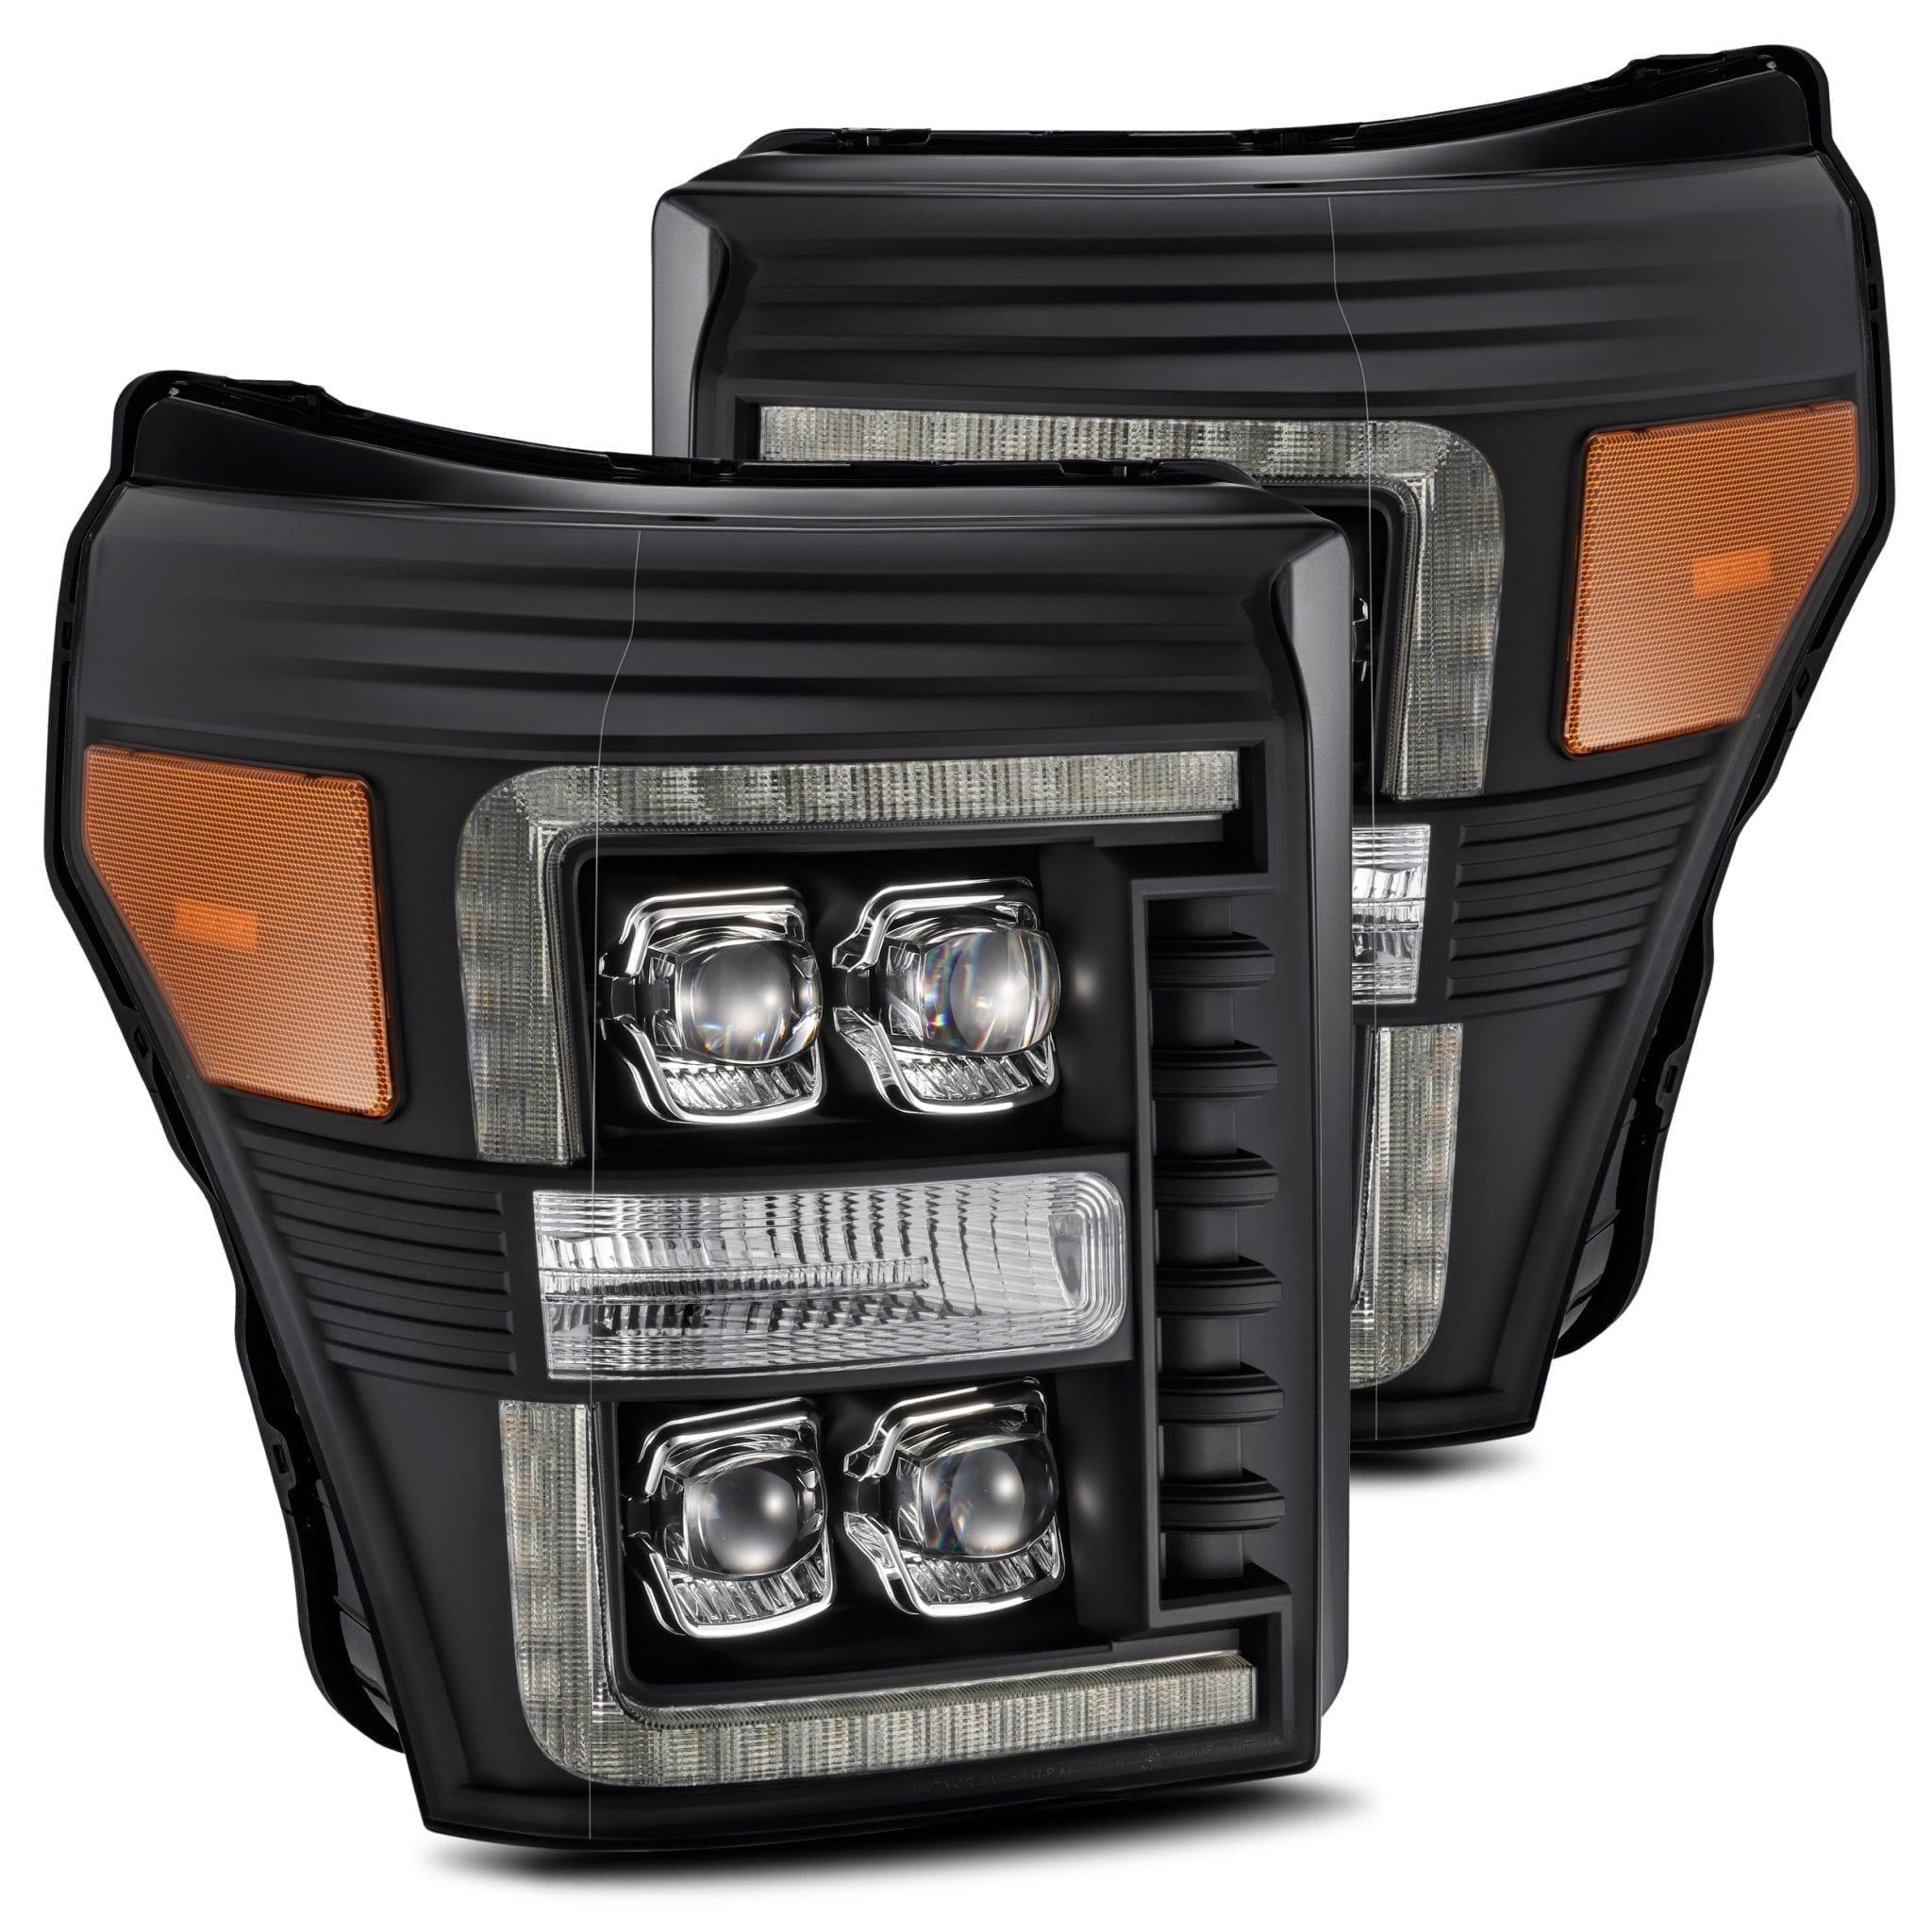 2011 2012 2013 2014 2015 2016 Ford F250 F350 F450 F550 Super Duty NOVA-Series Full LED Projector Headlights Black